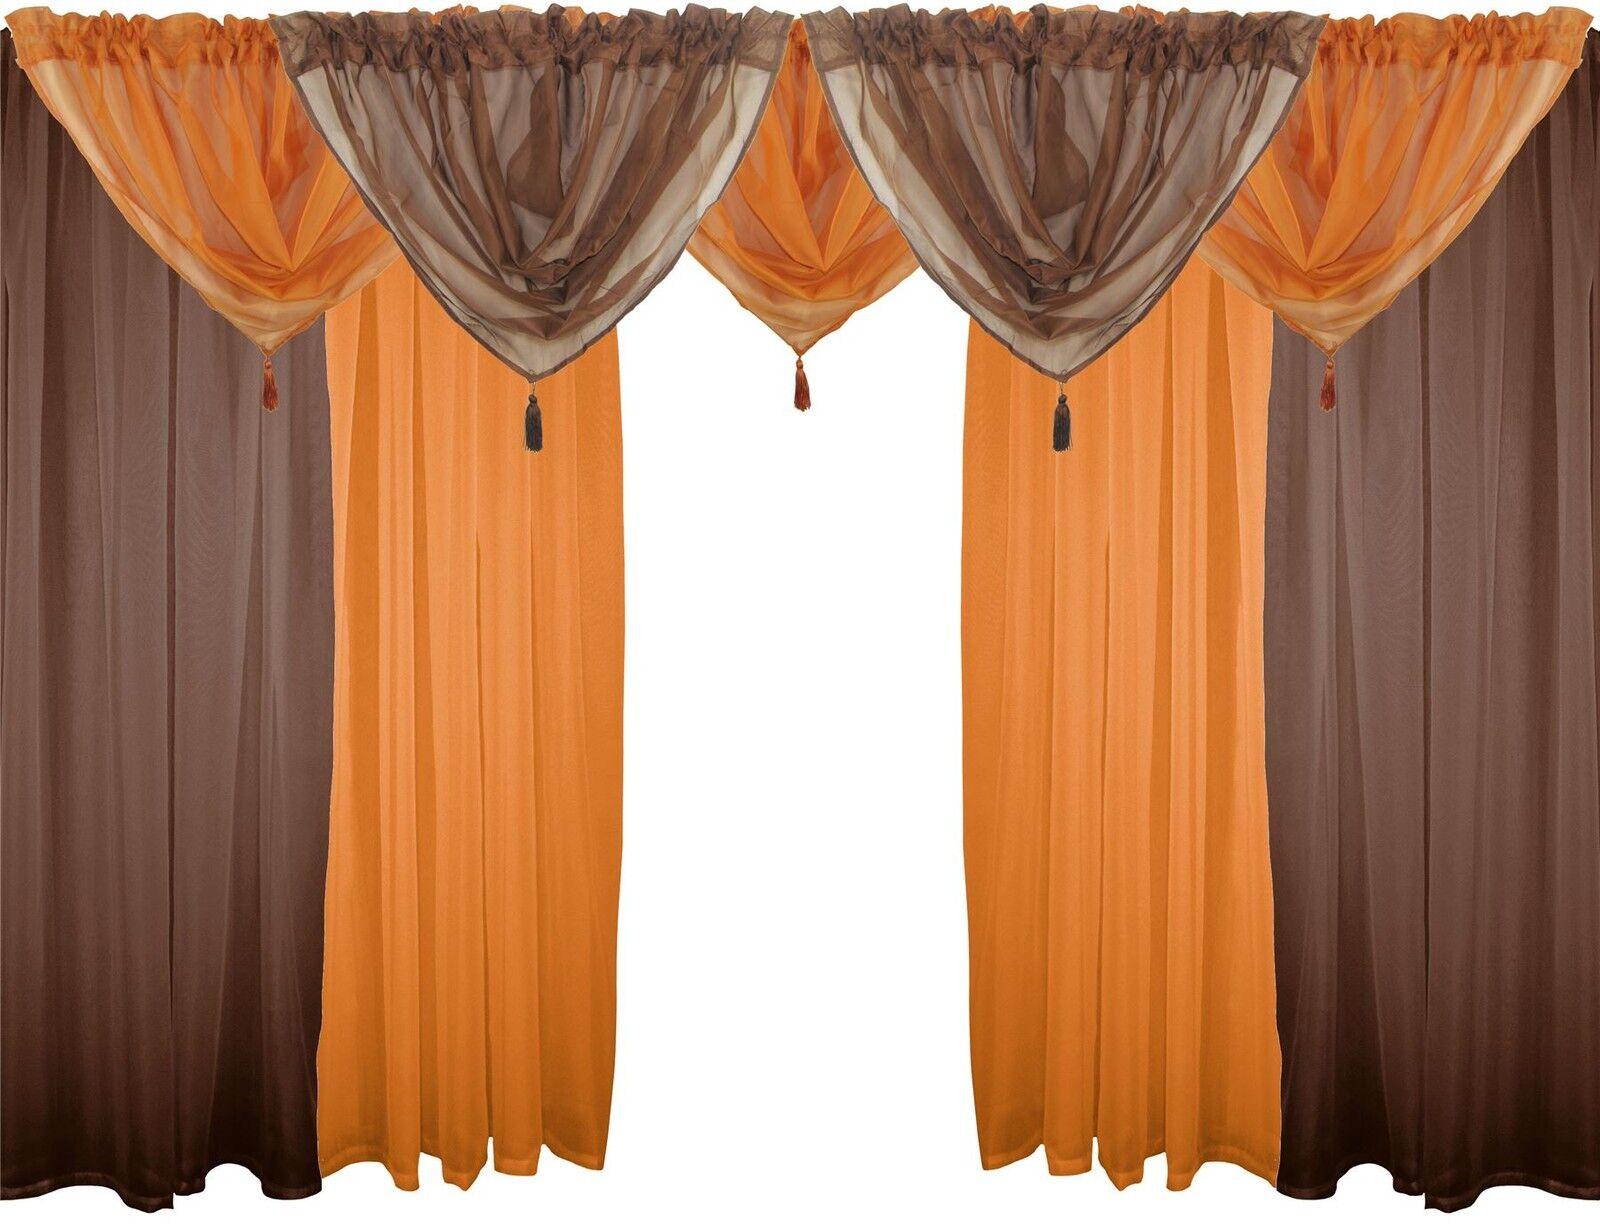 Marronee e Arancio 9 Pezzi Velo Set 183cm Canale Bordo Superiore per Bastone